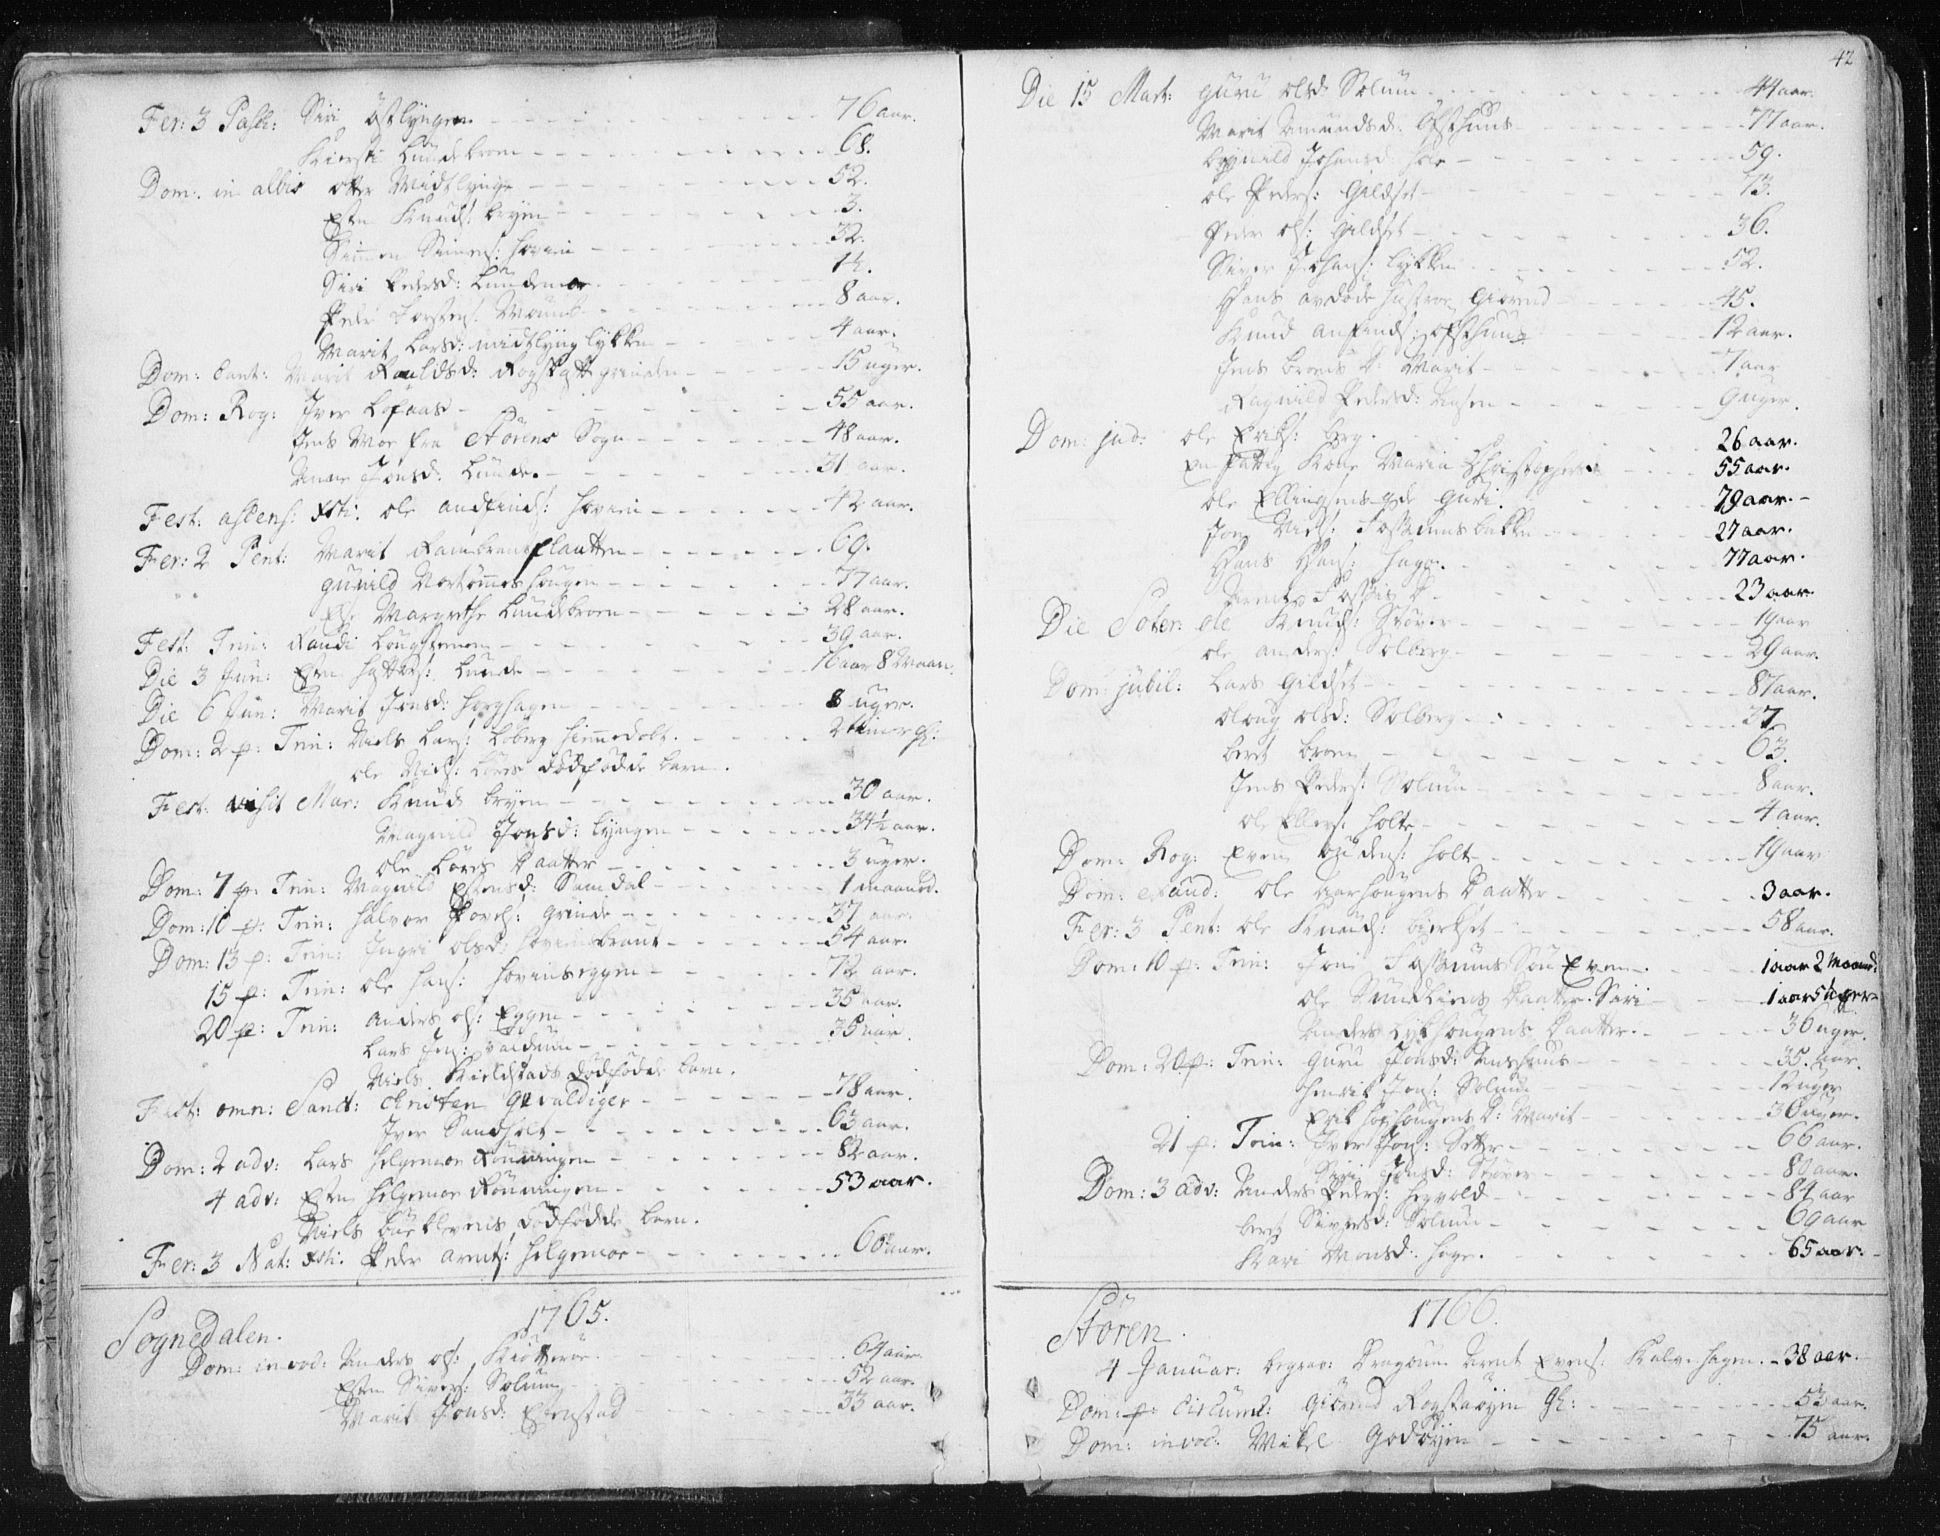 SAT, Ministerialprotokoller, klokkerbøker og fødselsregistre - Sør-Trøndelag, 687/L0991: Ministerialbok nr. 687A02, 1747-1790, s. 42